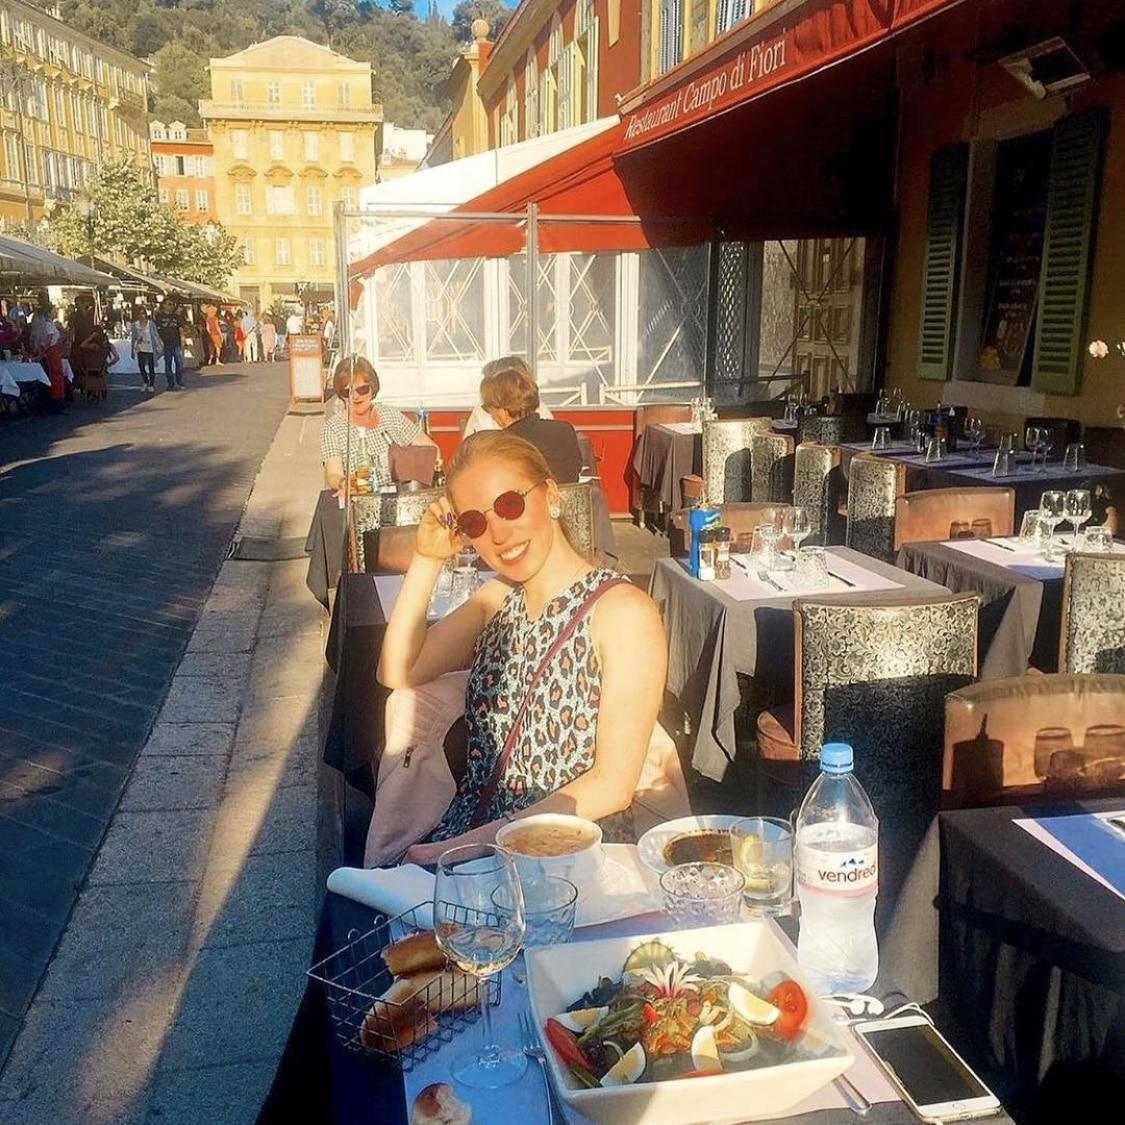 Nizza Altstadt essen Restaurant Inspo beautycatze